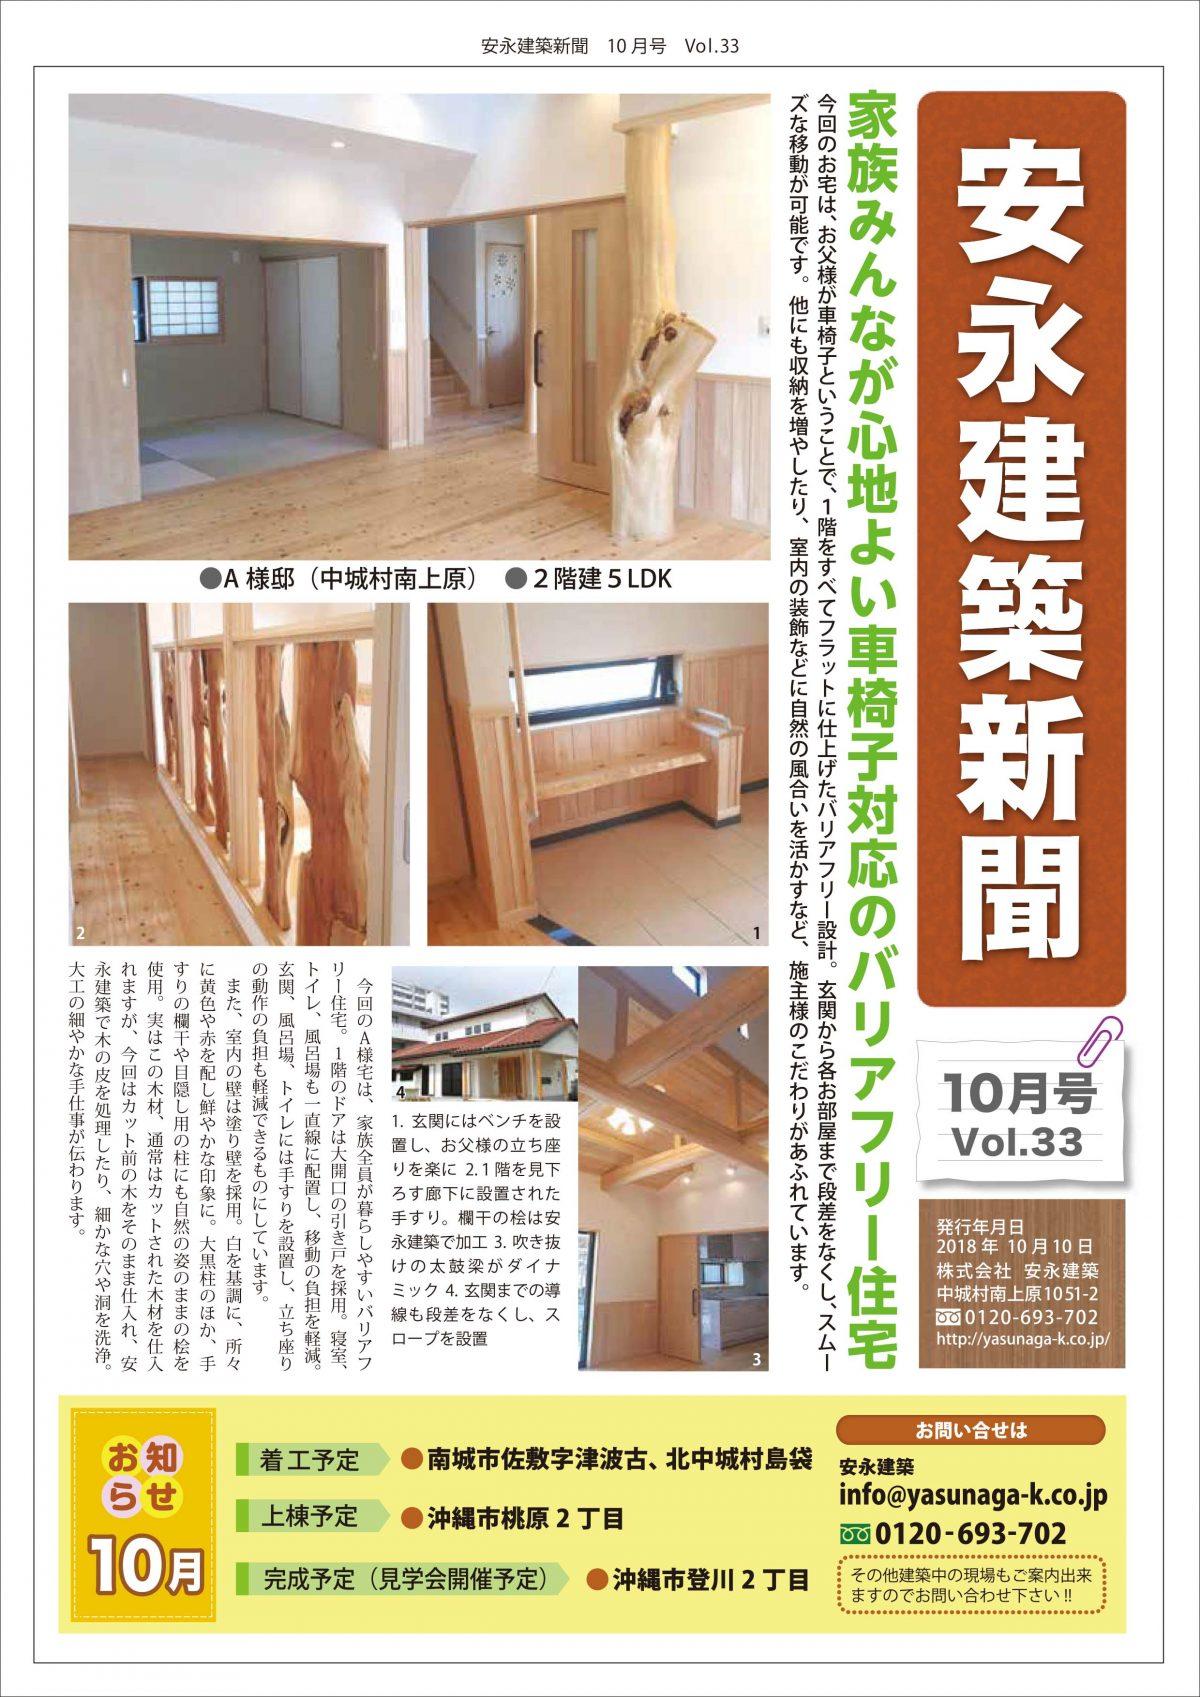 「安永建築新聞」10月号もやりました! マンガ以外のチラシも可能です!